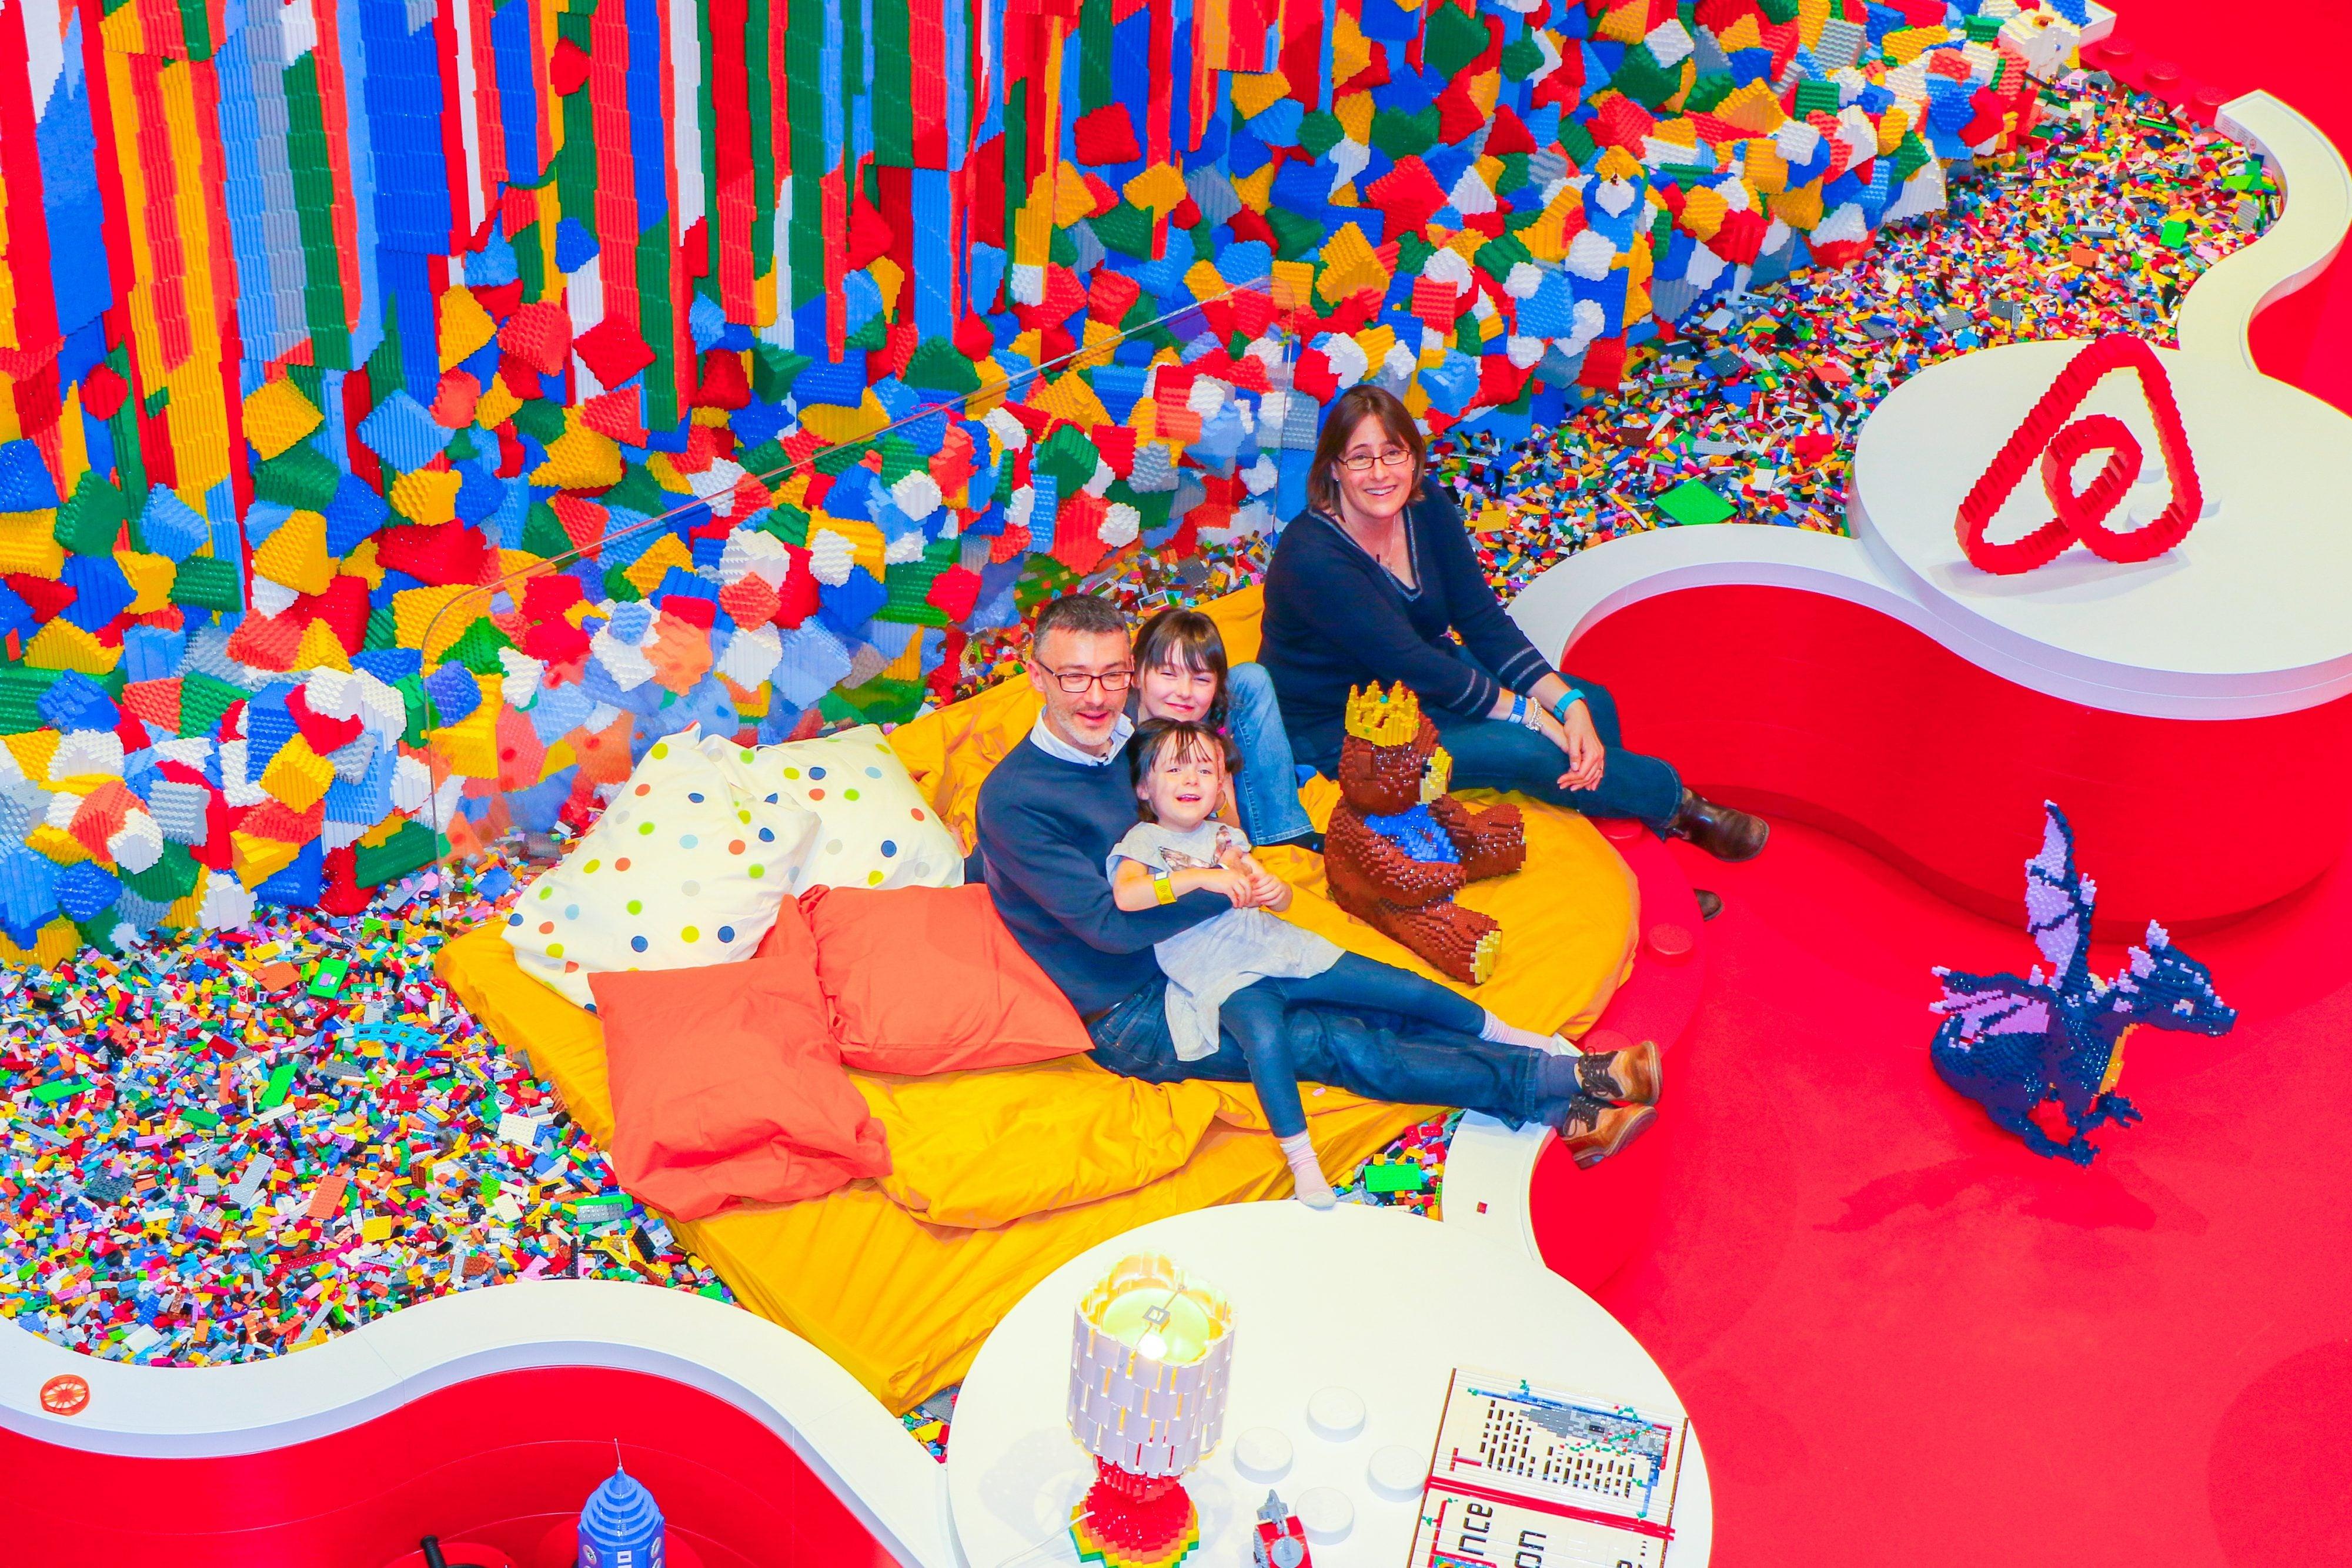 lego evi airbnb lego yarışma bigumigu